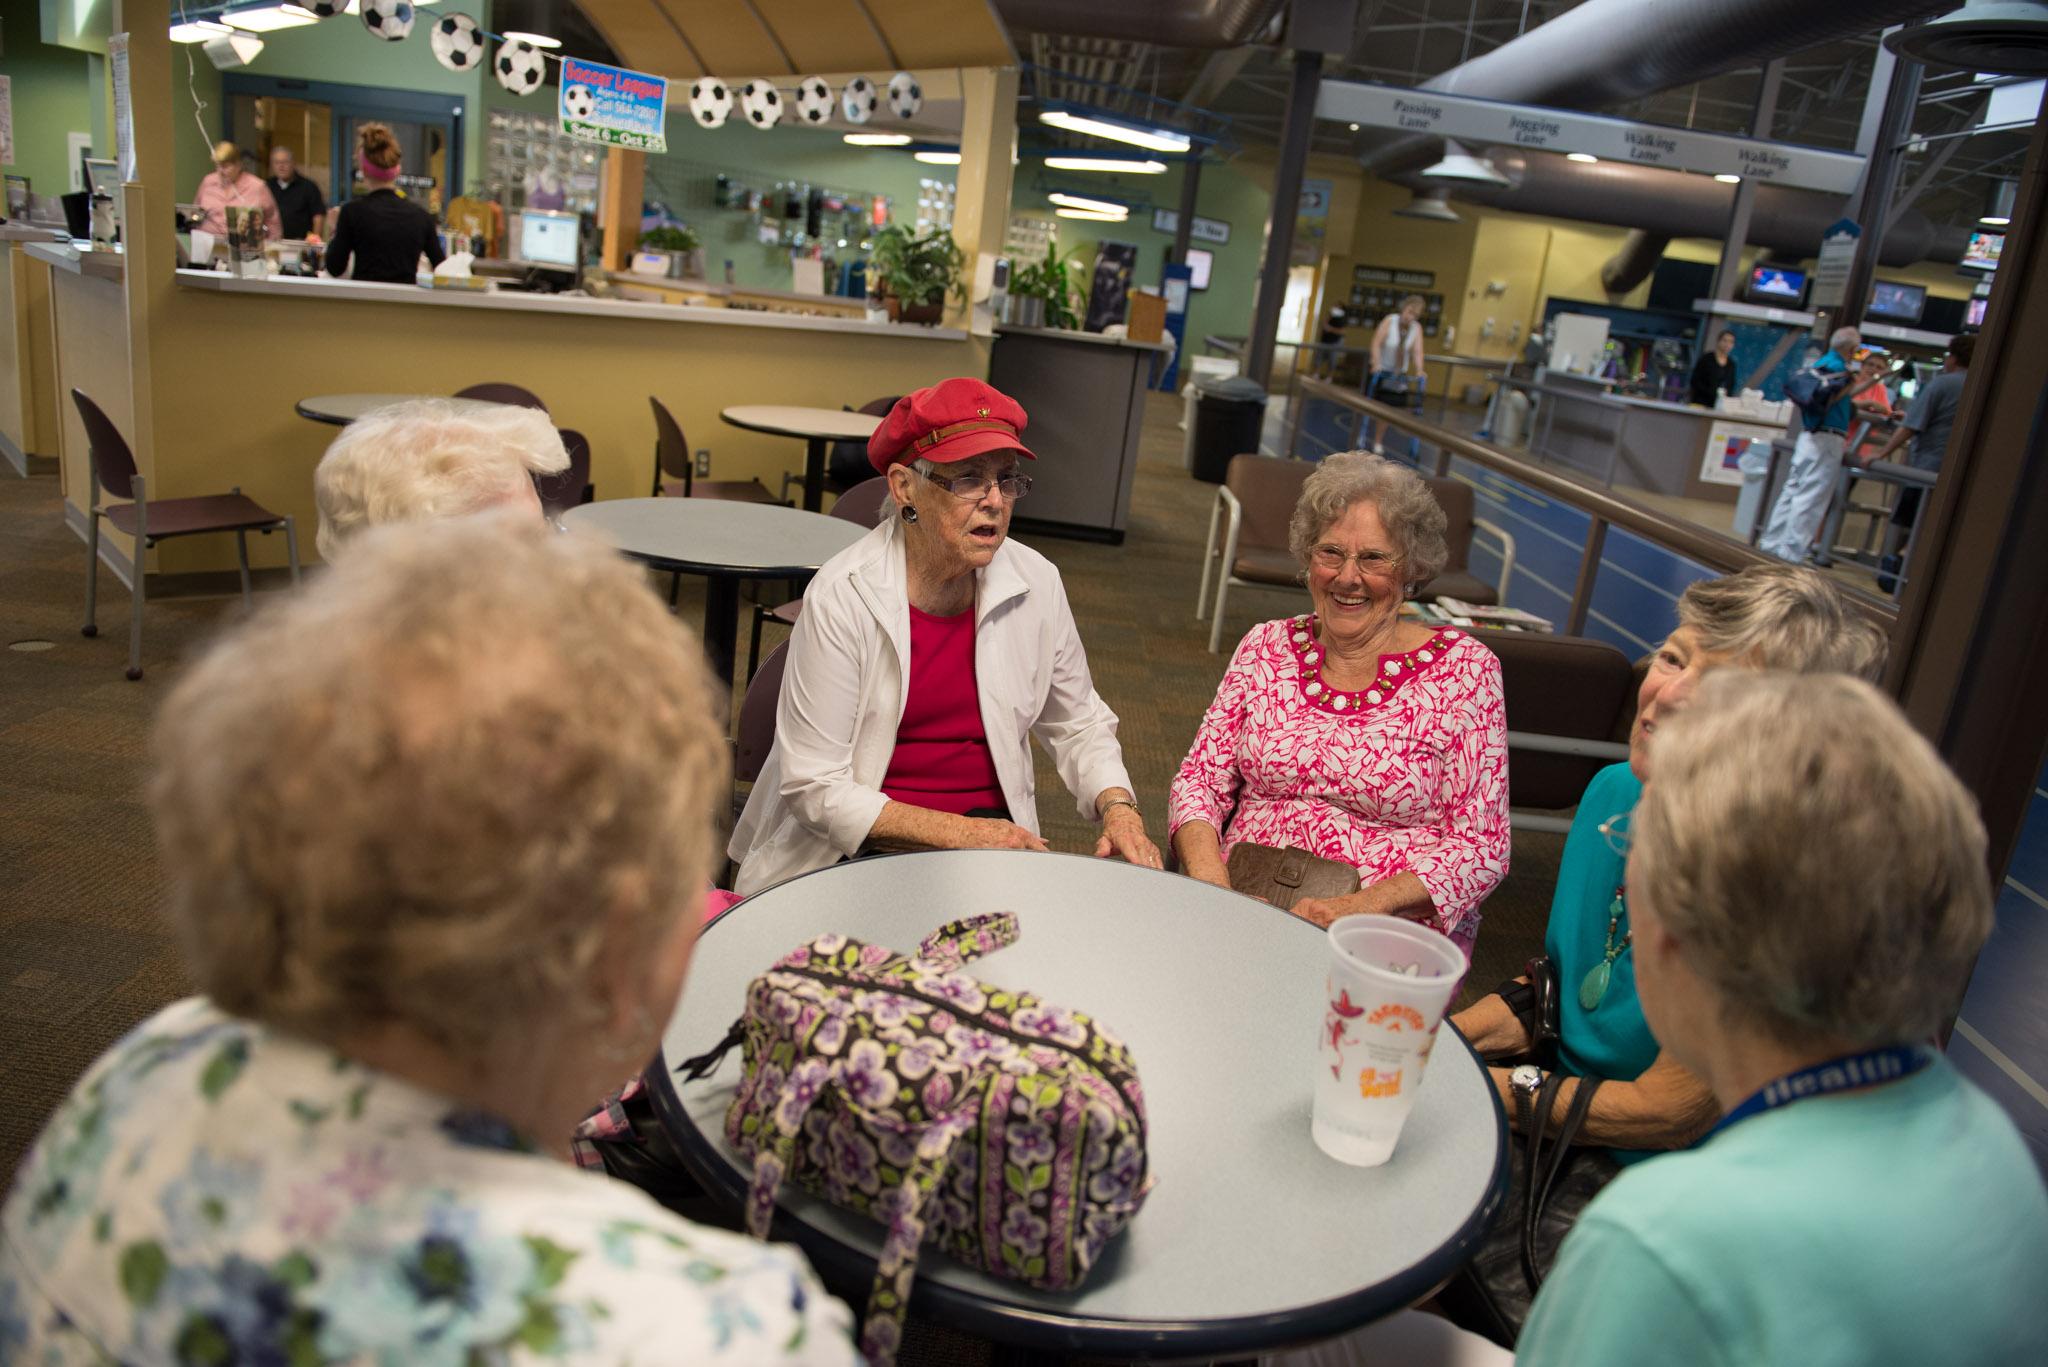 Wellness Center Stock Photos-1355.jpg